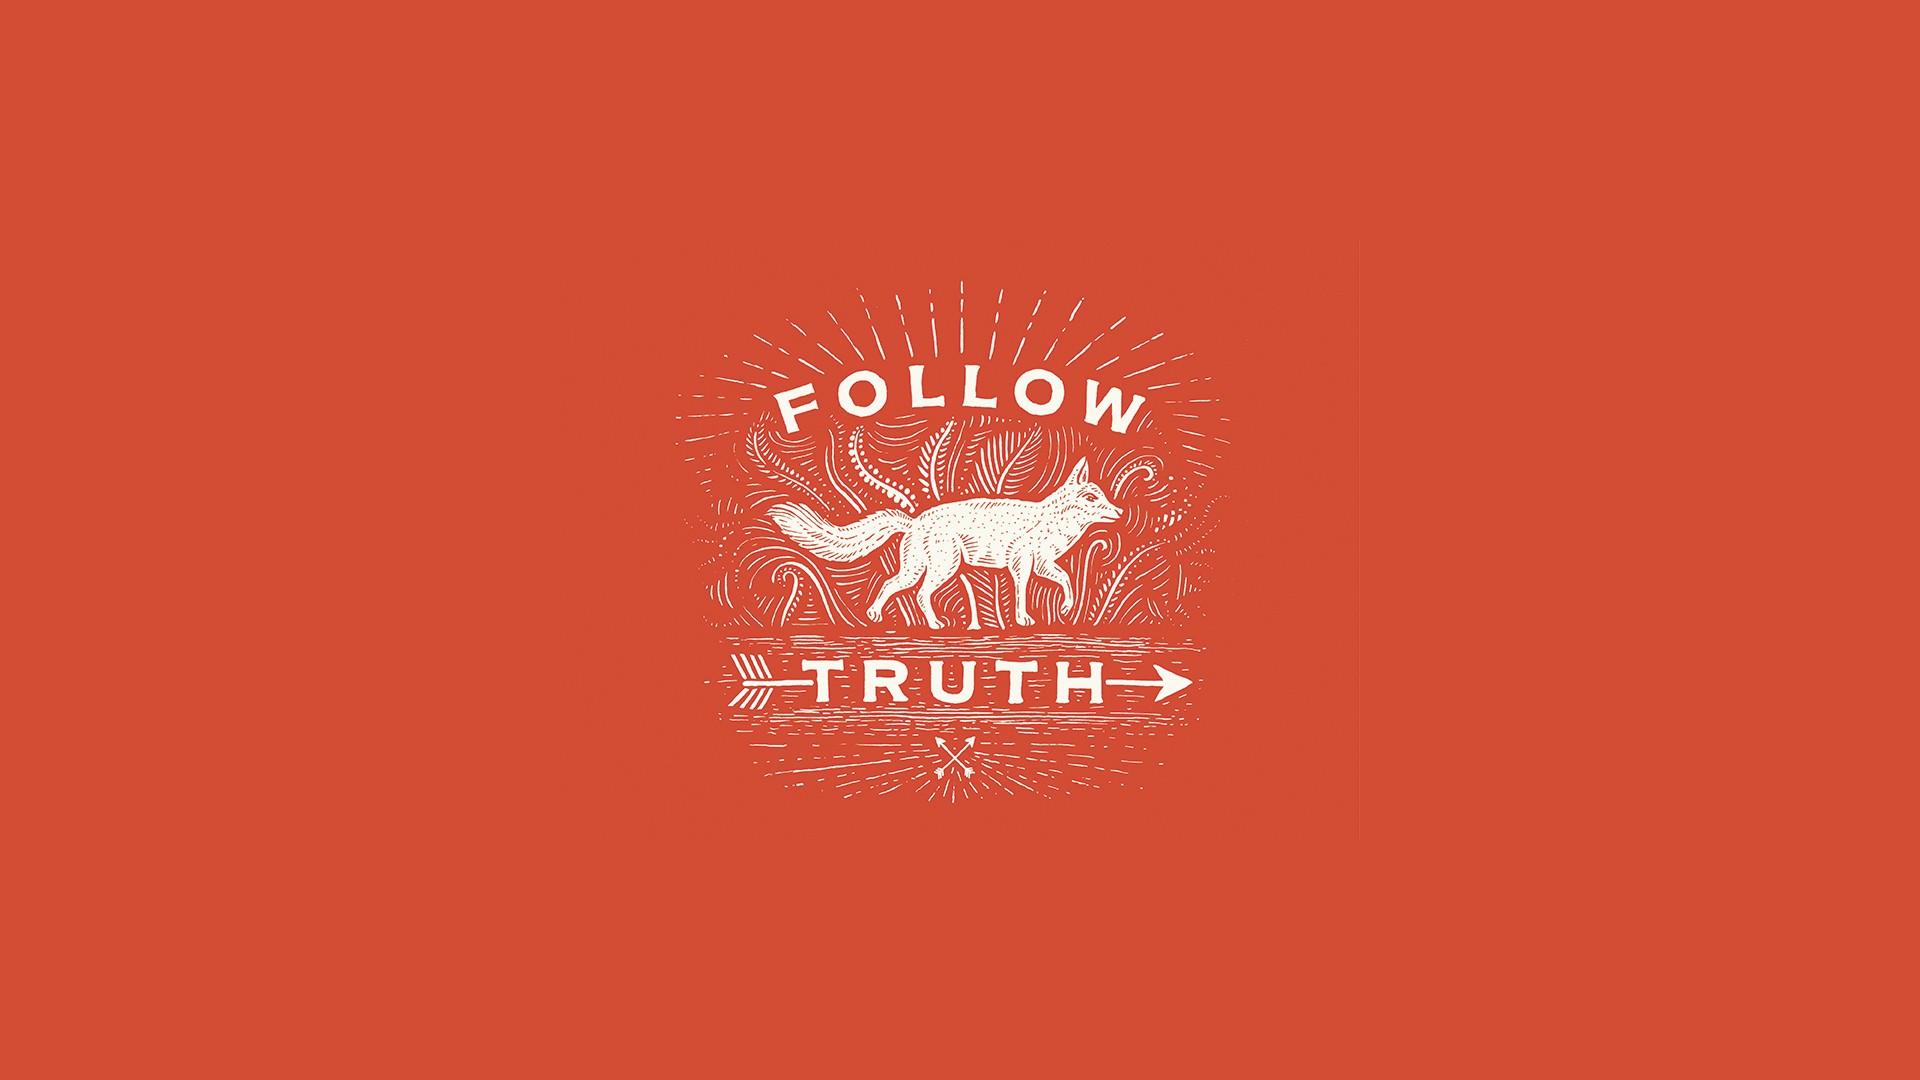 Wallpaper Red Text Logo Graphic Design Orange Wolf Brand